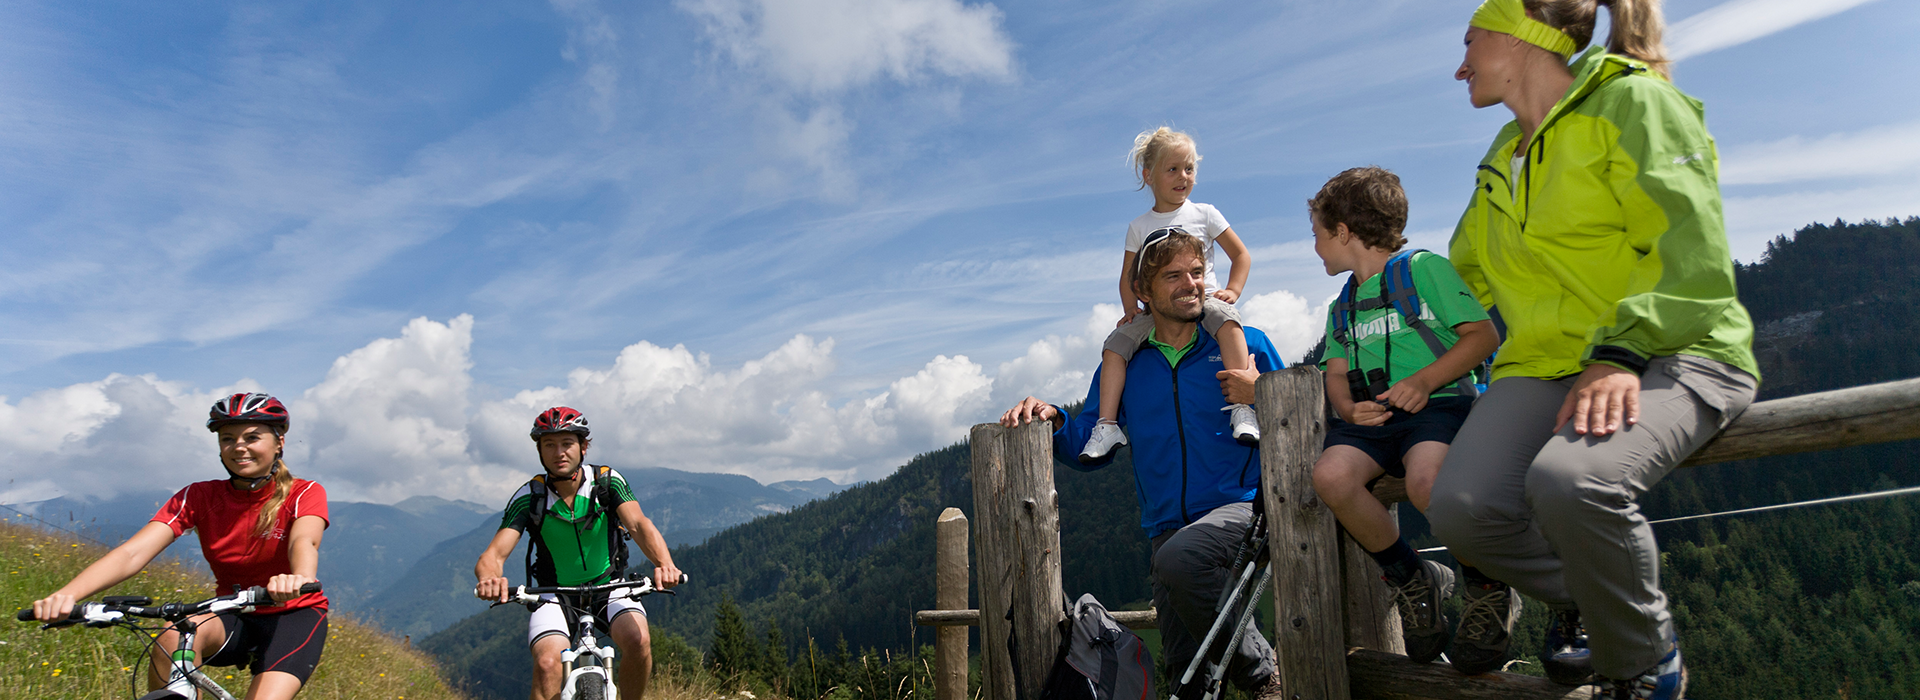 Wanderer und Mountainbiker genießen die Natur